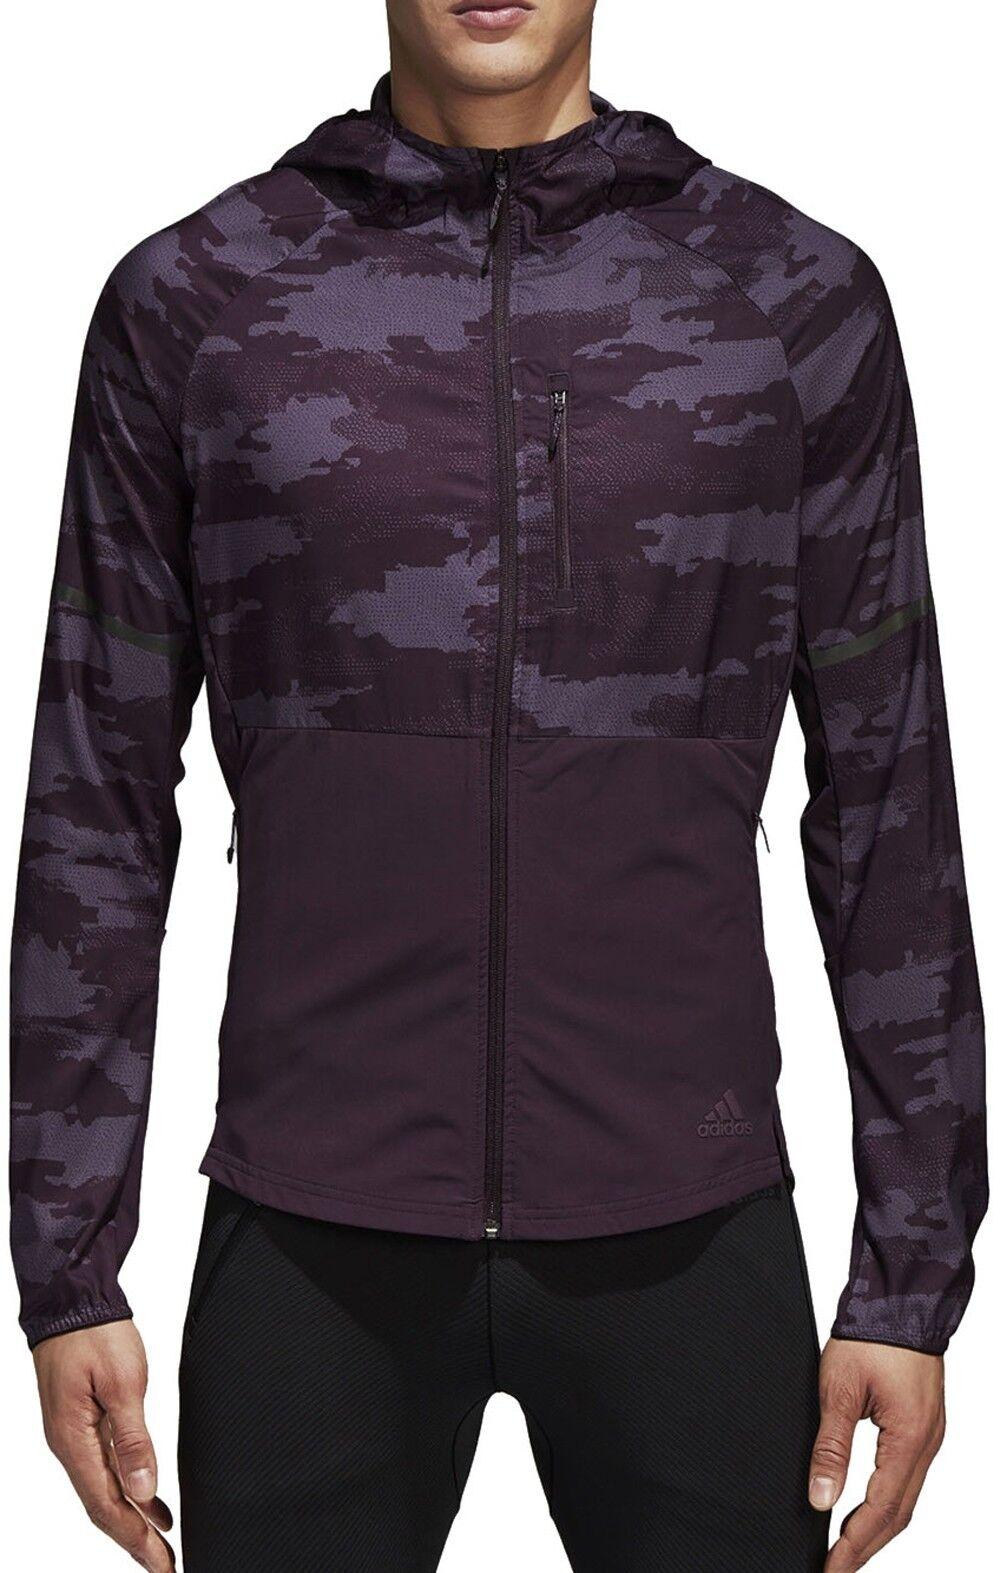 Adidas Chaqueta de hombre para correr Gráfico Ultra-Púrpura